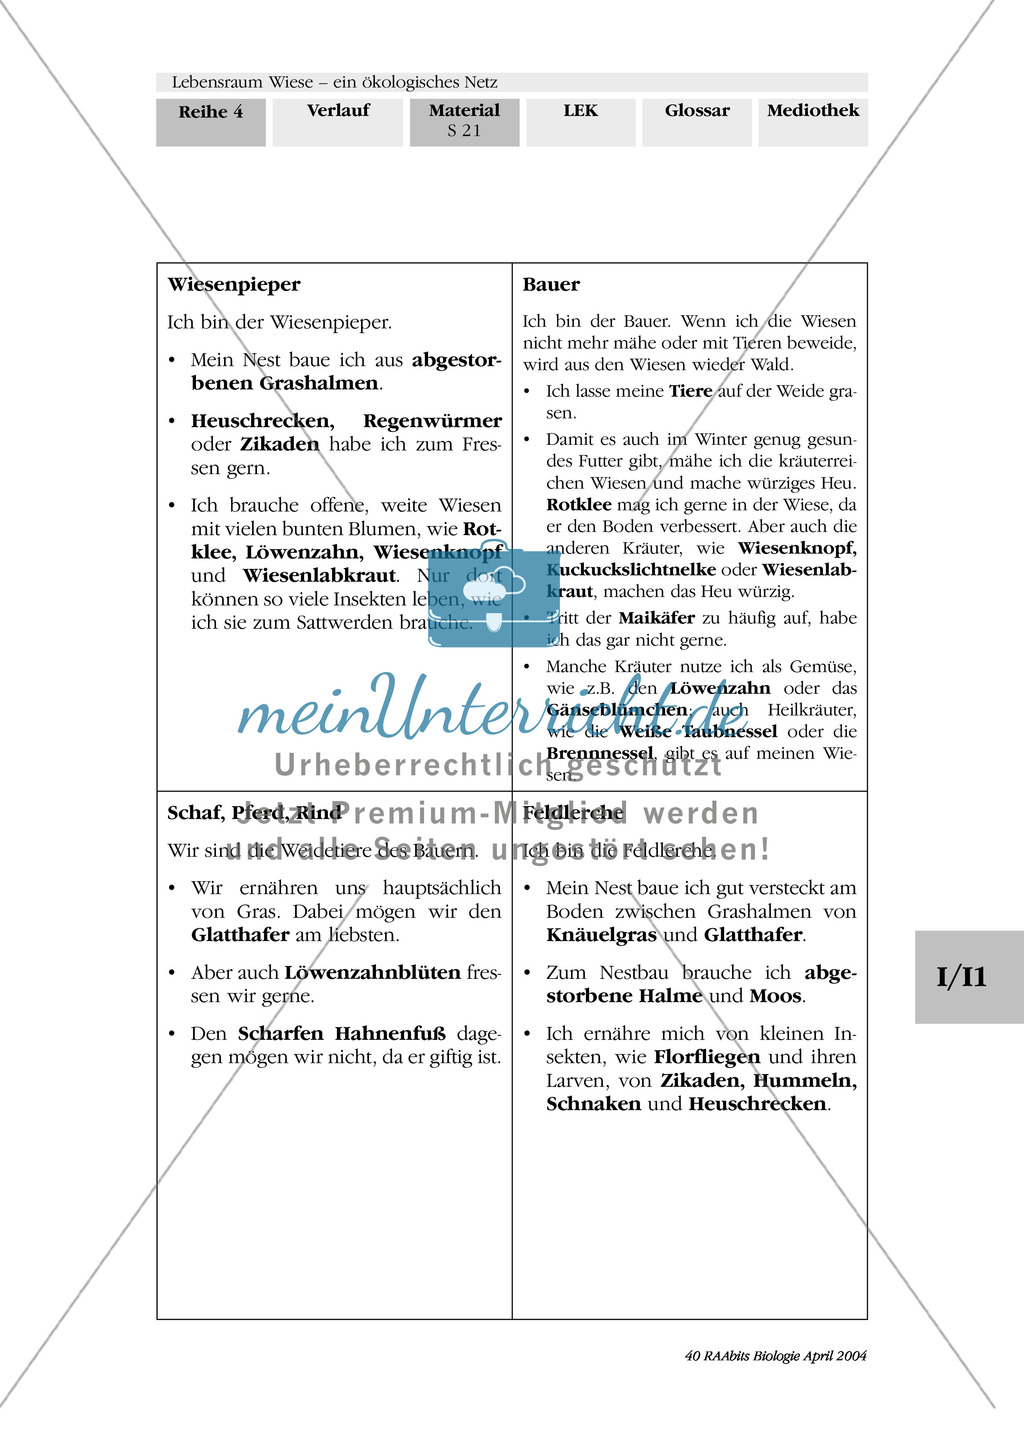 Lebensraum Wiese: Das ökologische Netz einer Wiese - Text- und Bildkarten Preview 17